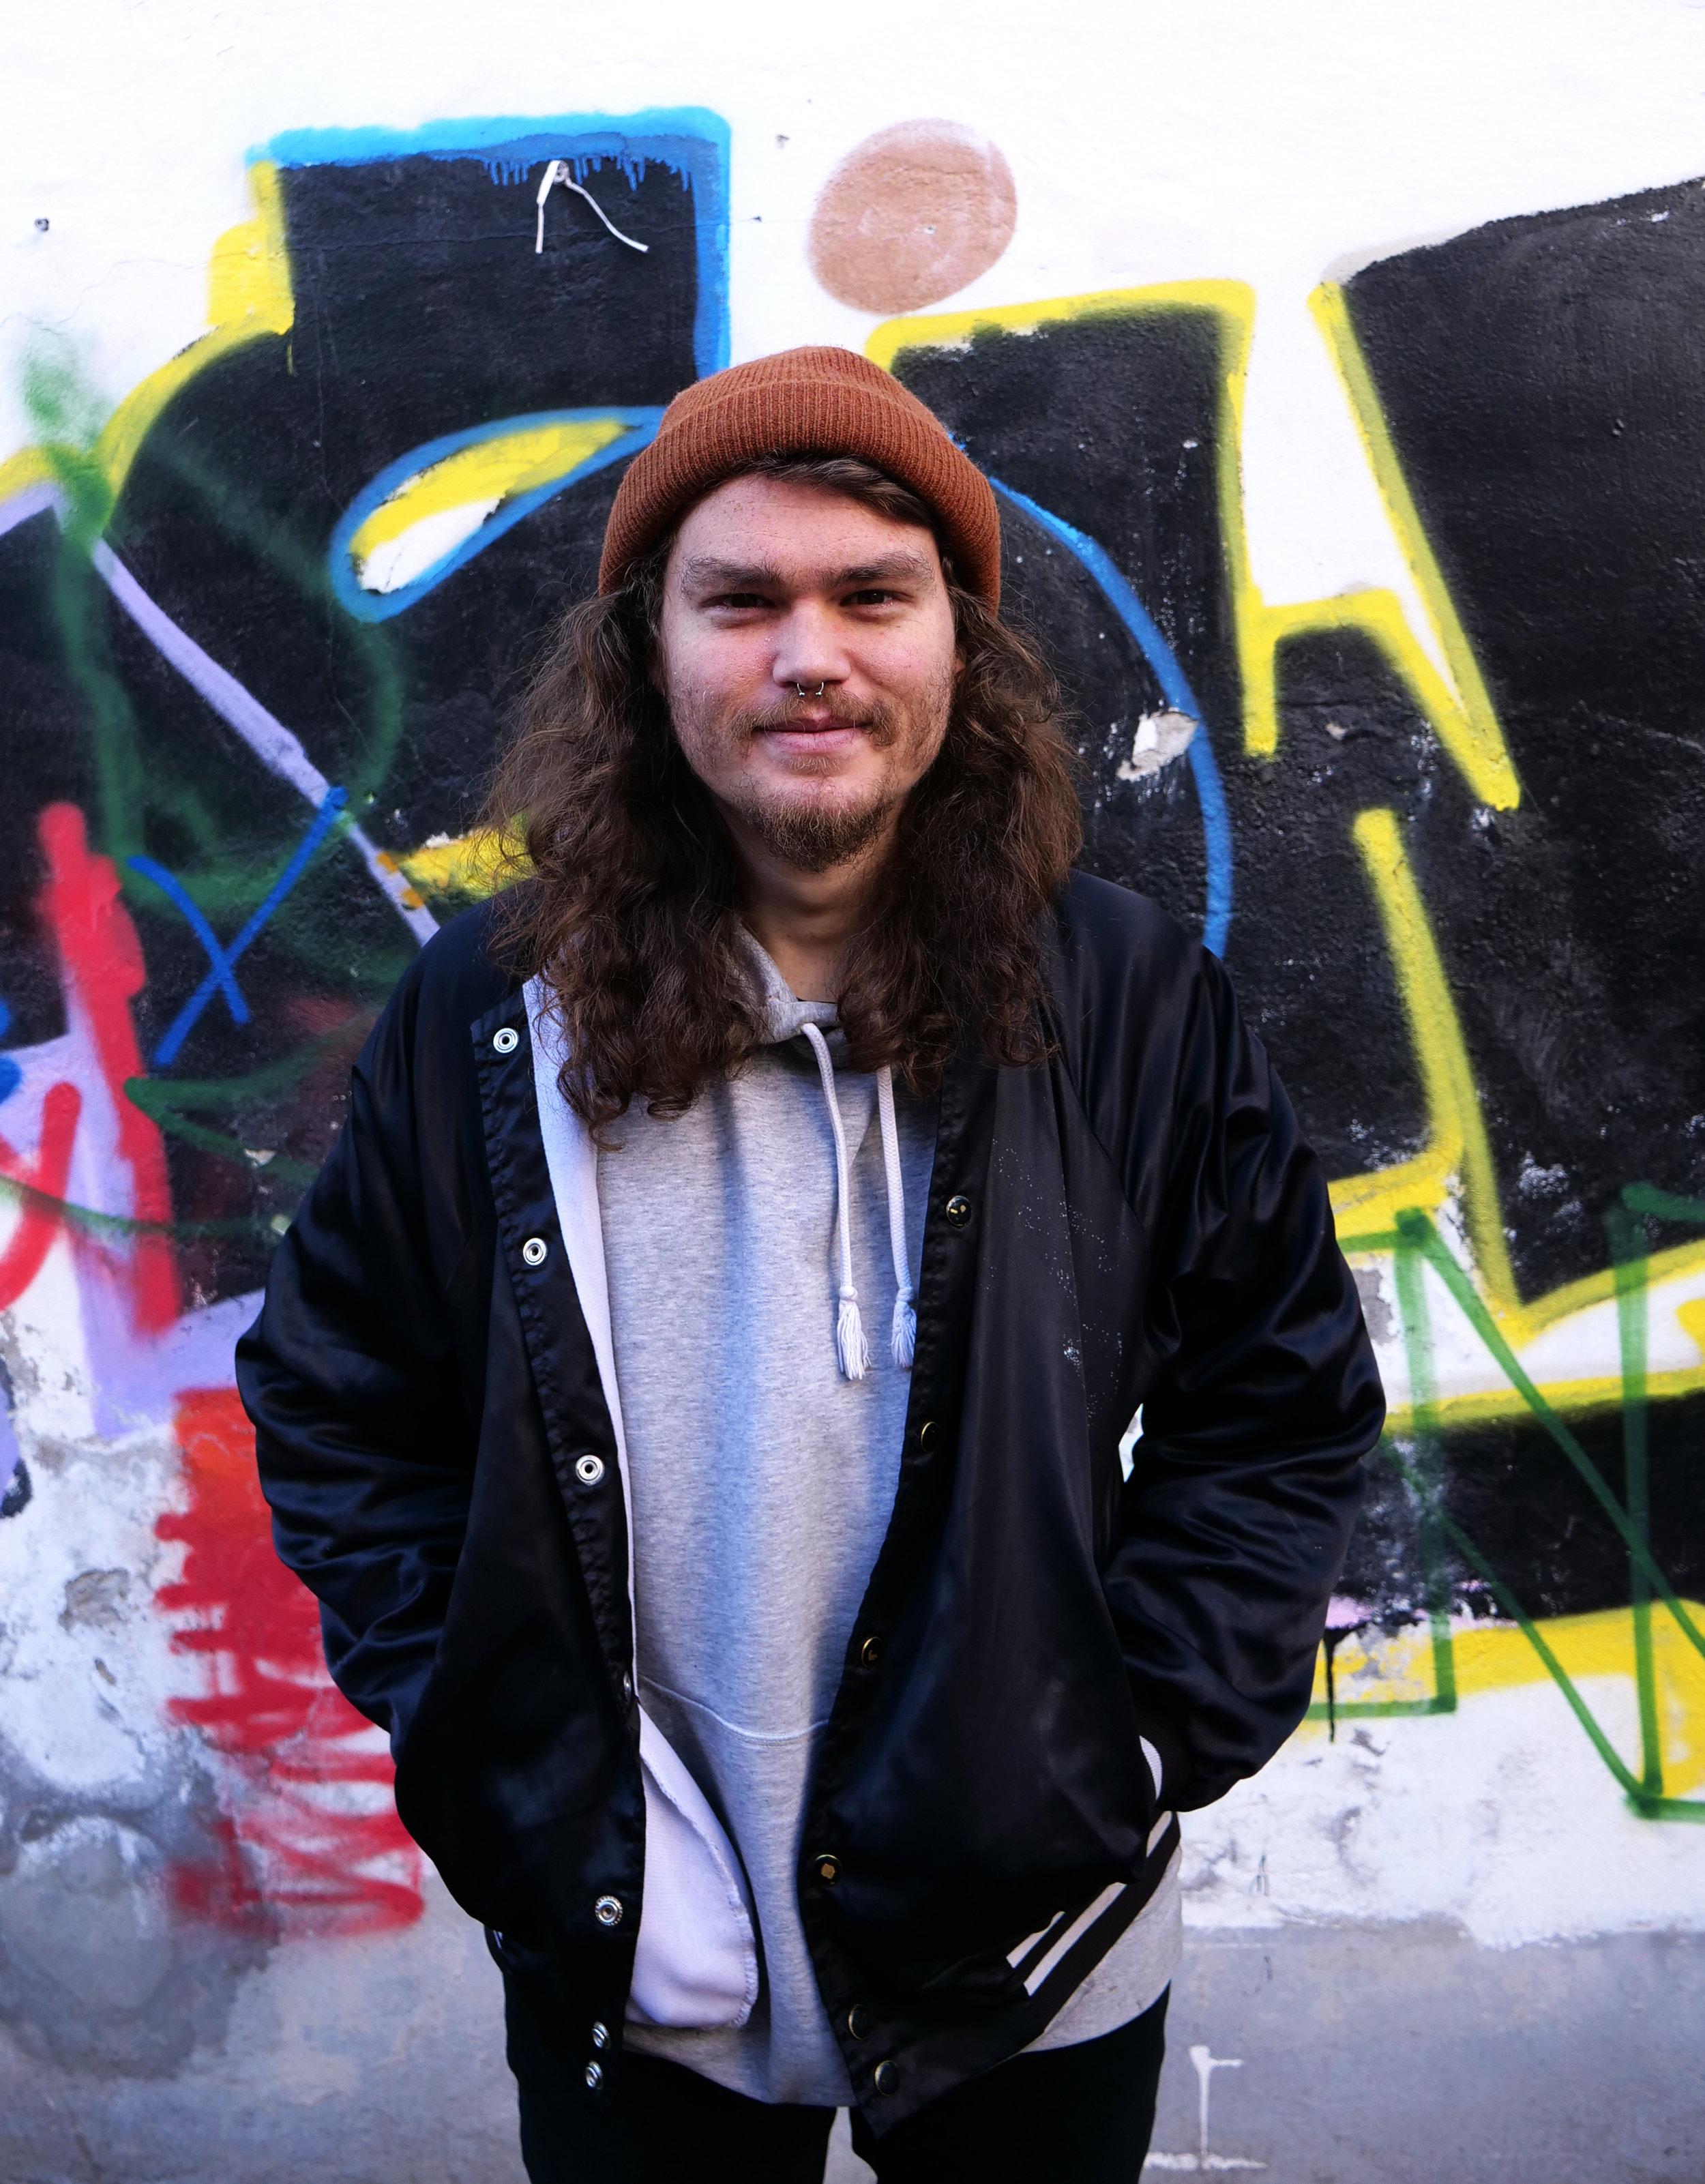 Ryan er frivillig i Trampolinhuset, hvor han arrangerer filmklub hver tirsdag. Foto: Viktoria Steinhart.